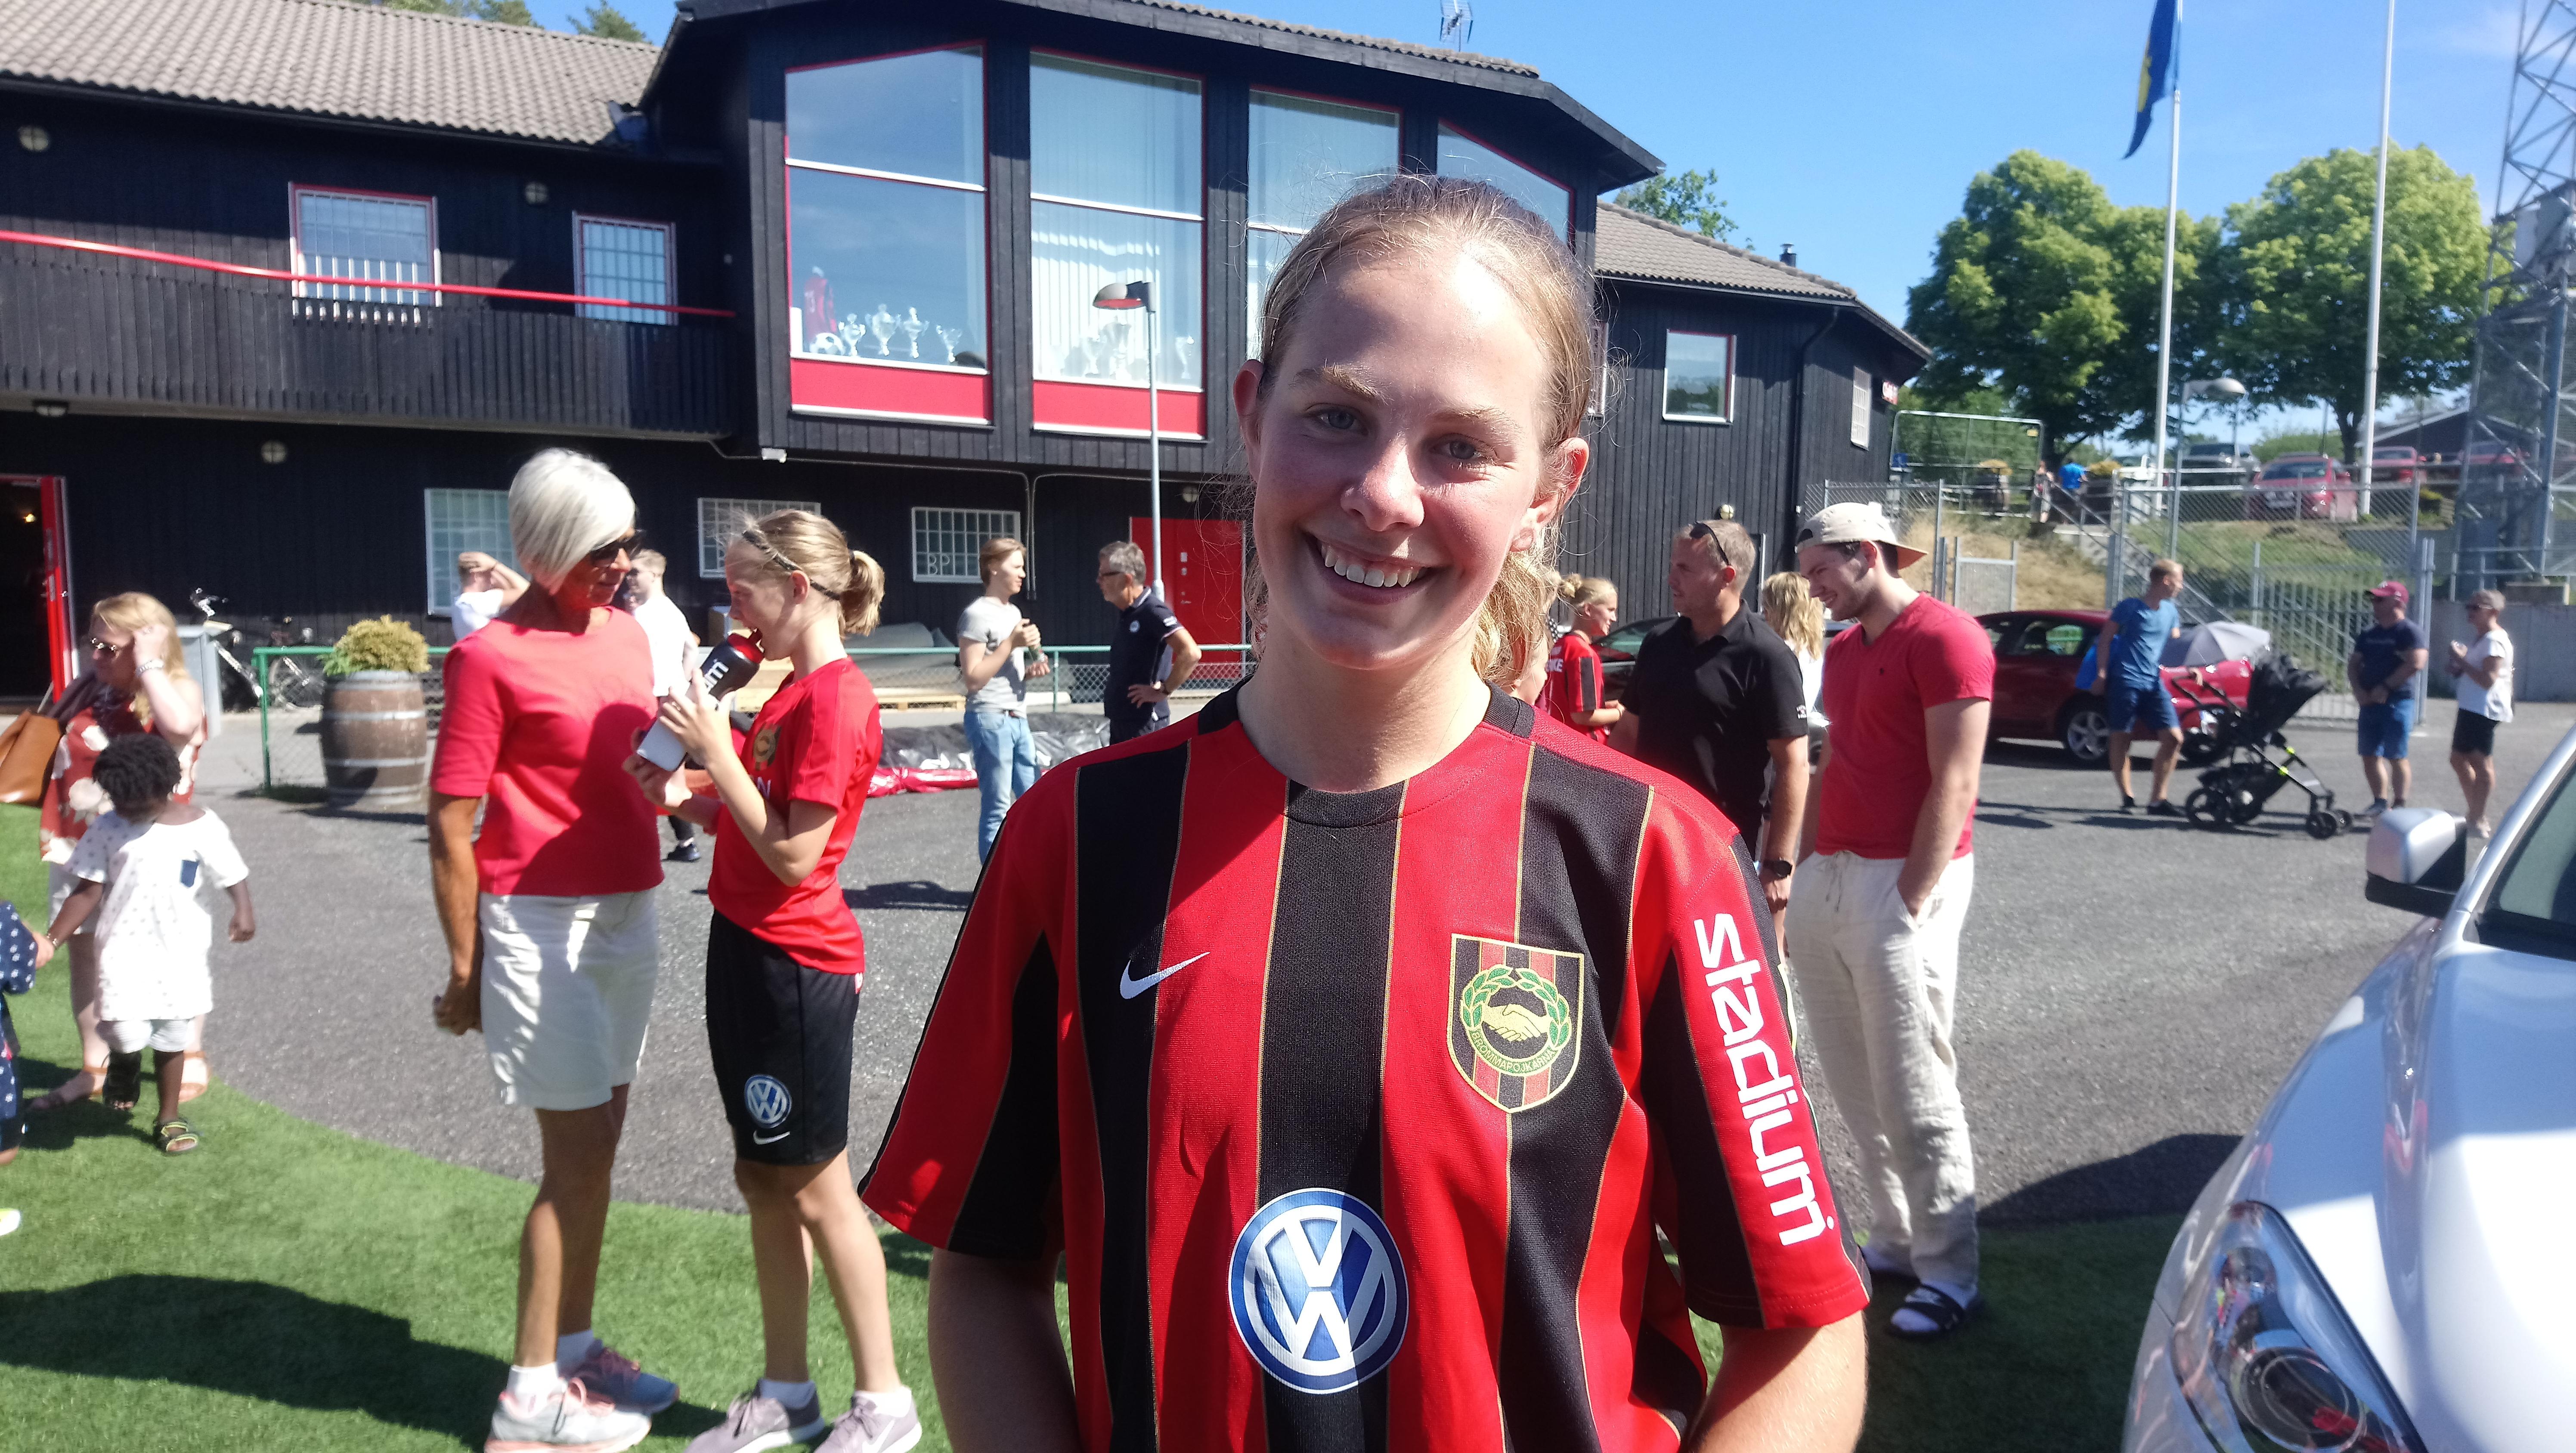 Futsal: Schillgard tremålsskytt och gästspel av Norrby